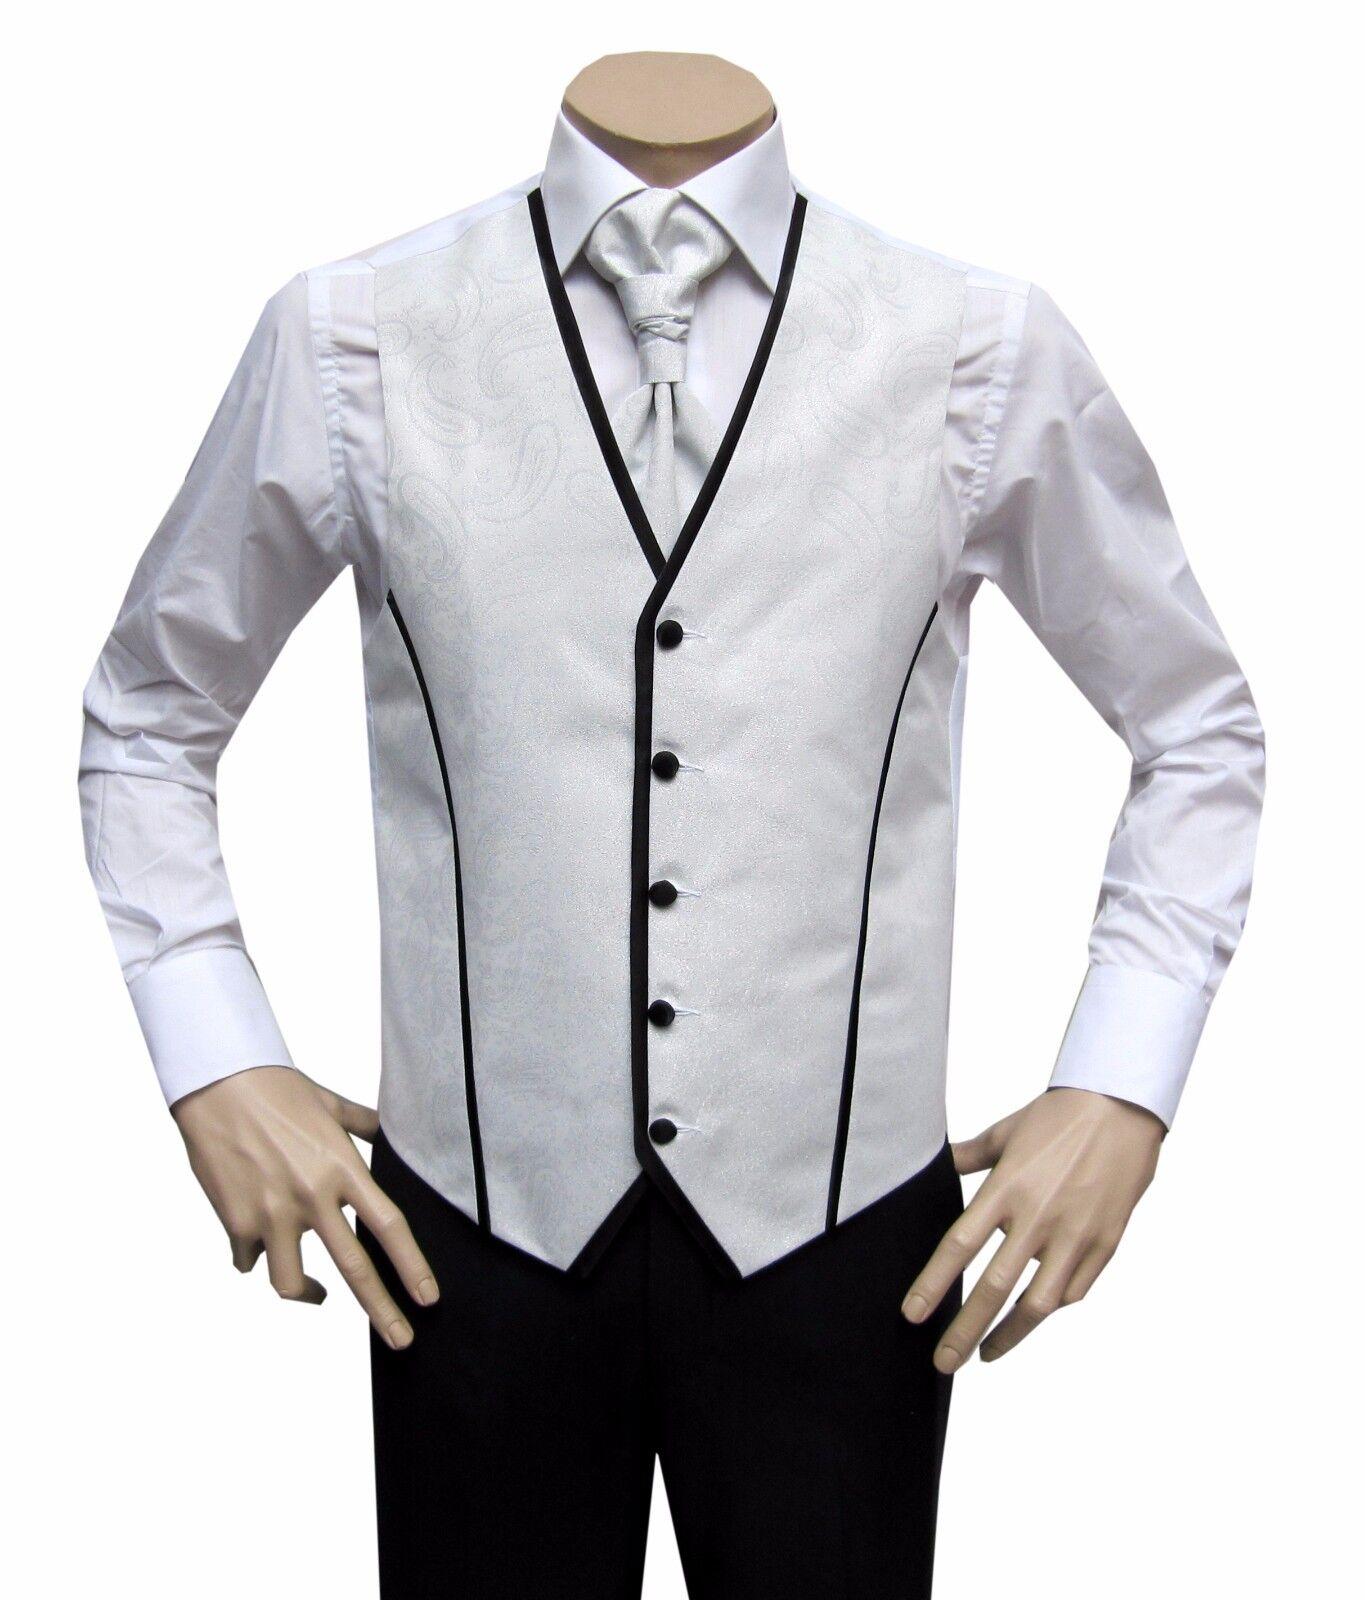 Men's Wedding Waistcoat 3-teilig Gr.72 White